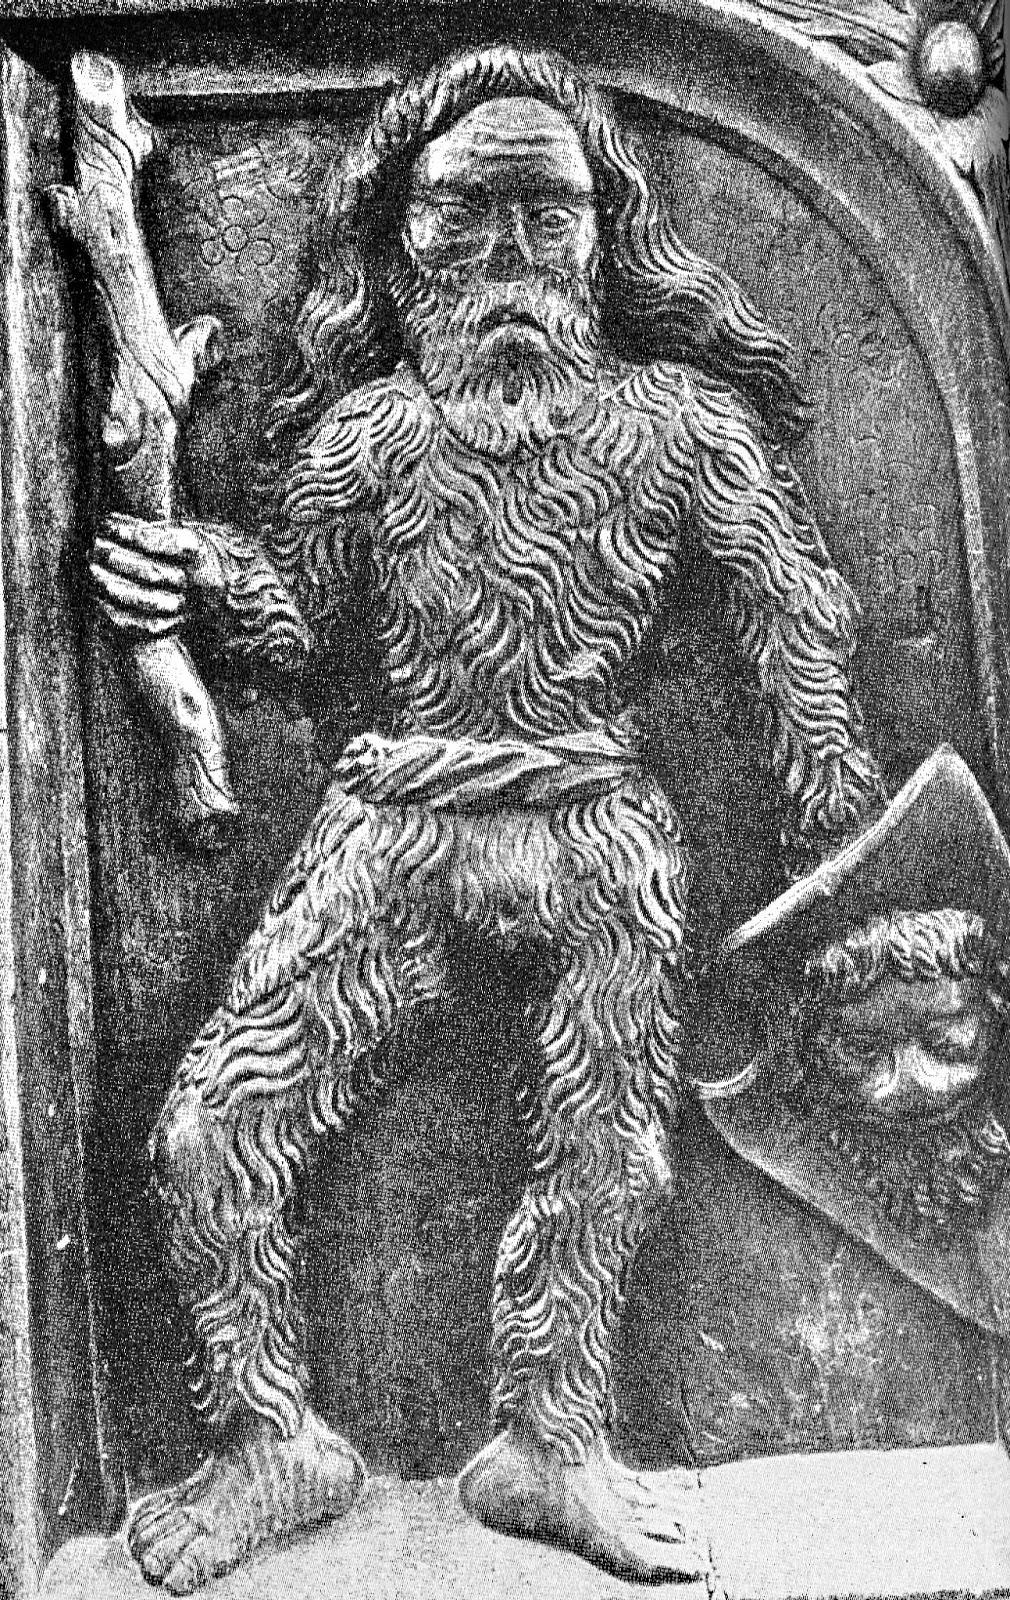 Bassorilievo raffigurante l'uomo selvatico, l'uomo di Bele